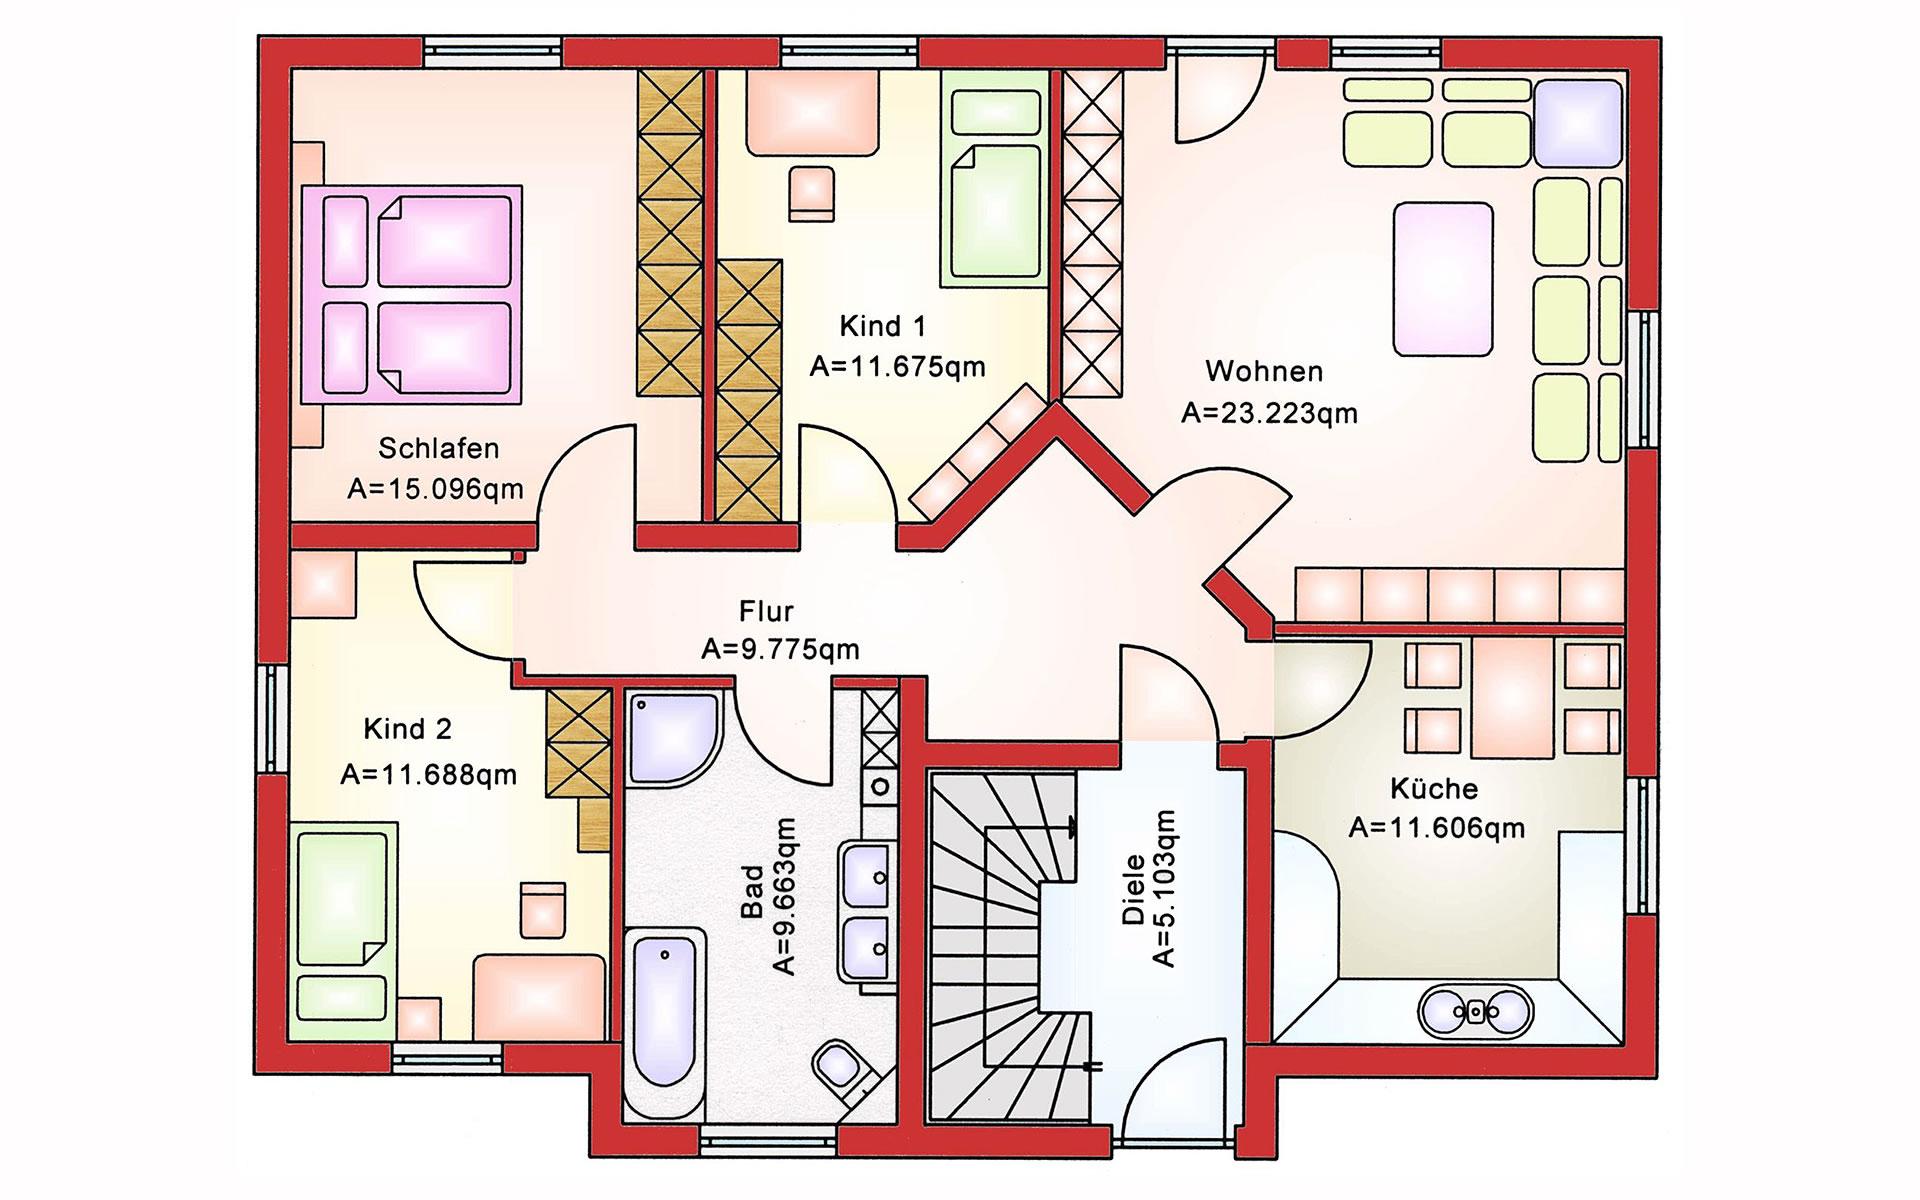 Erdgeschoss Zweifamilienhaus BS 181 von B&S Selbstbausysteme GmbH & Co. KG